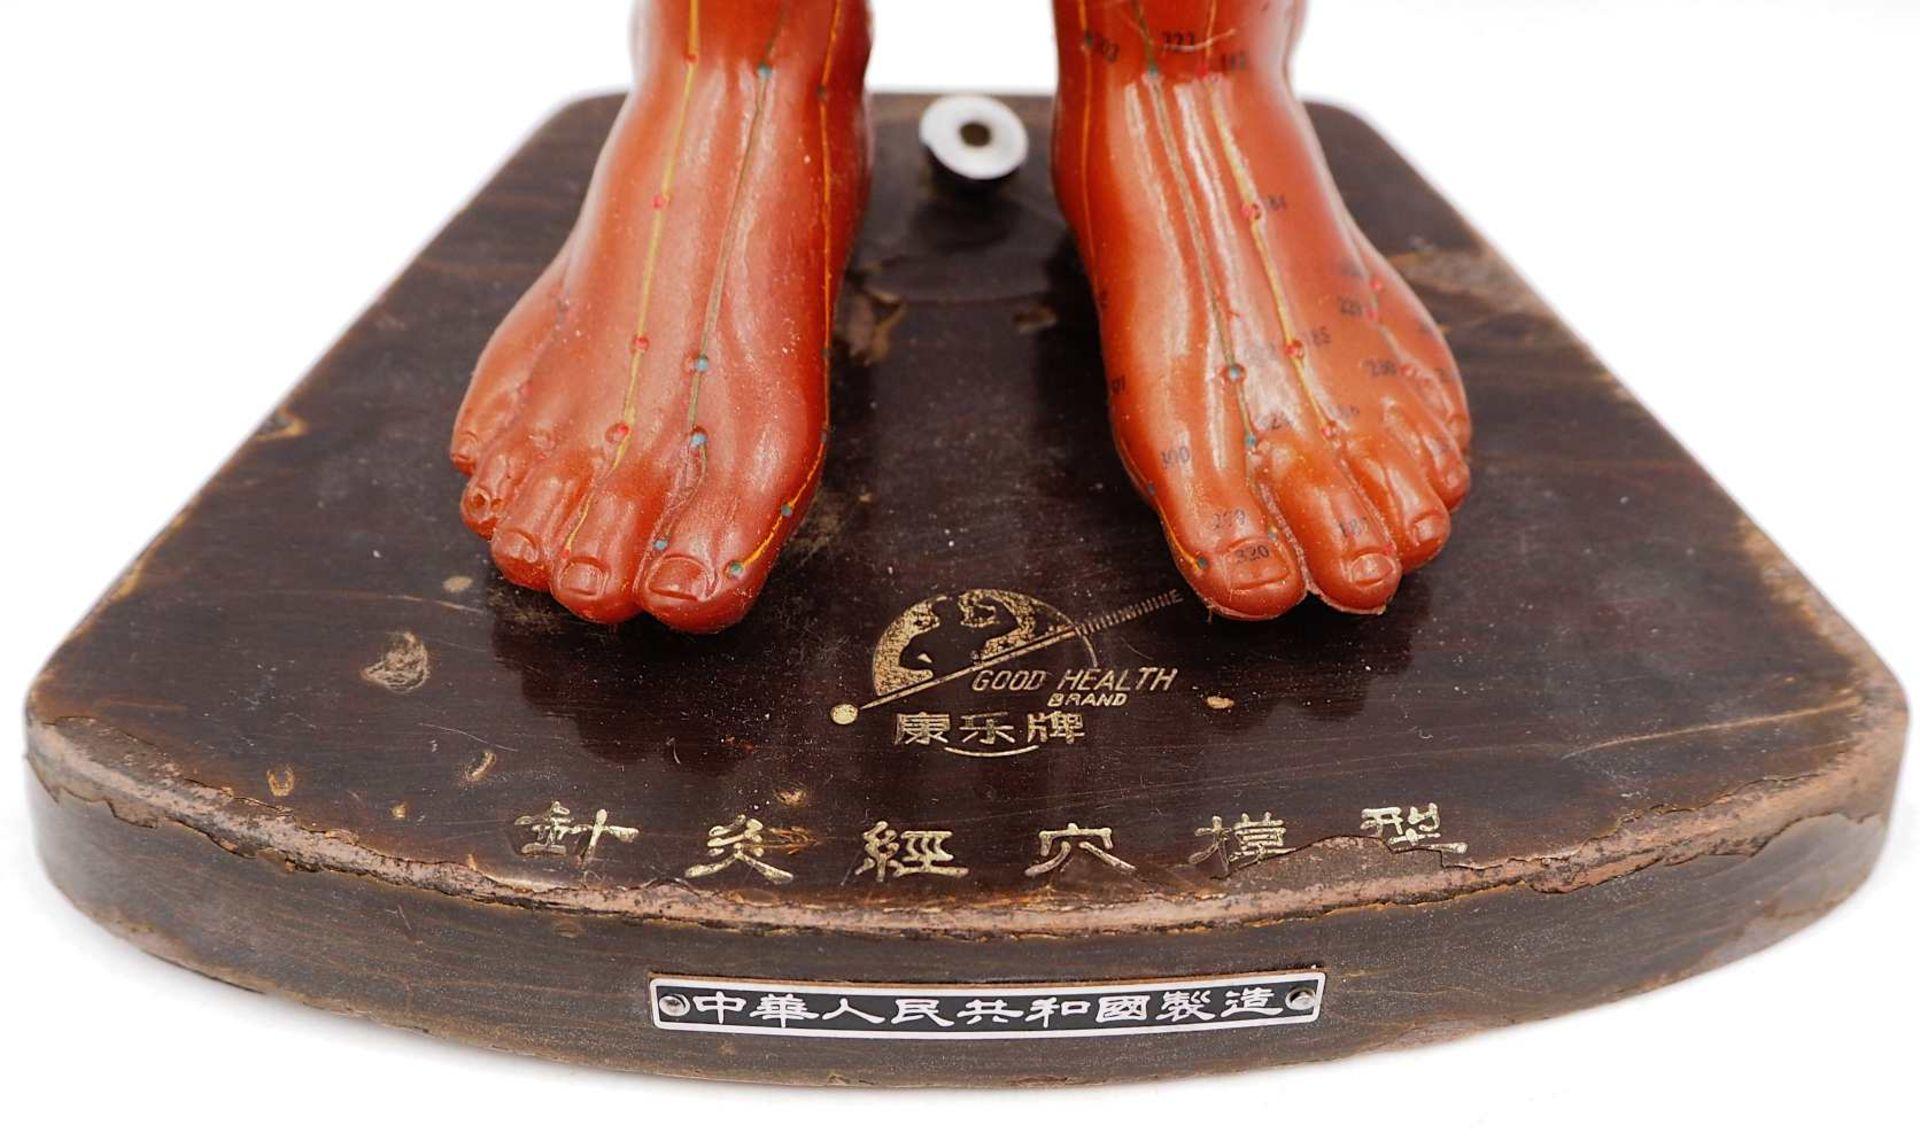 1 Akupunkturpuppe eines Mannes GOOD HEALTH BRAND, wohl Mitte 20. Jh., Japan Kunststoff - Bild 6 aus 7